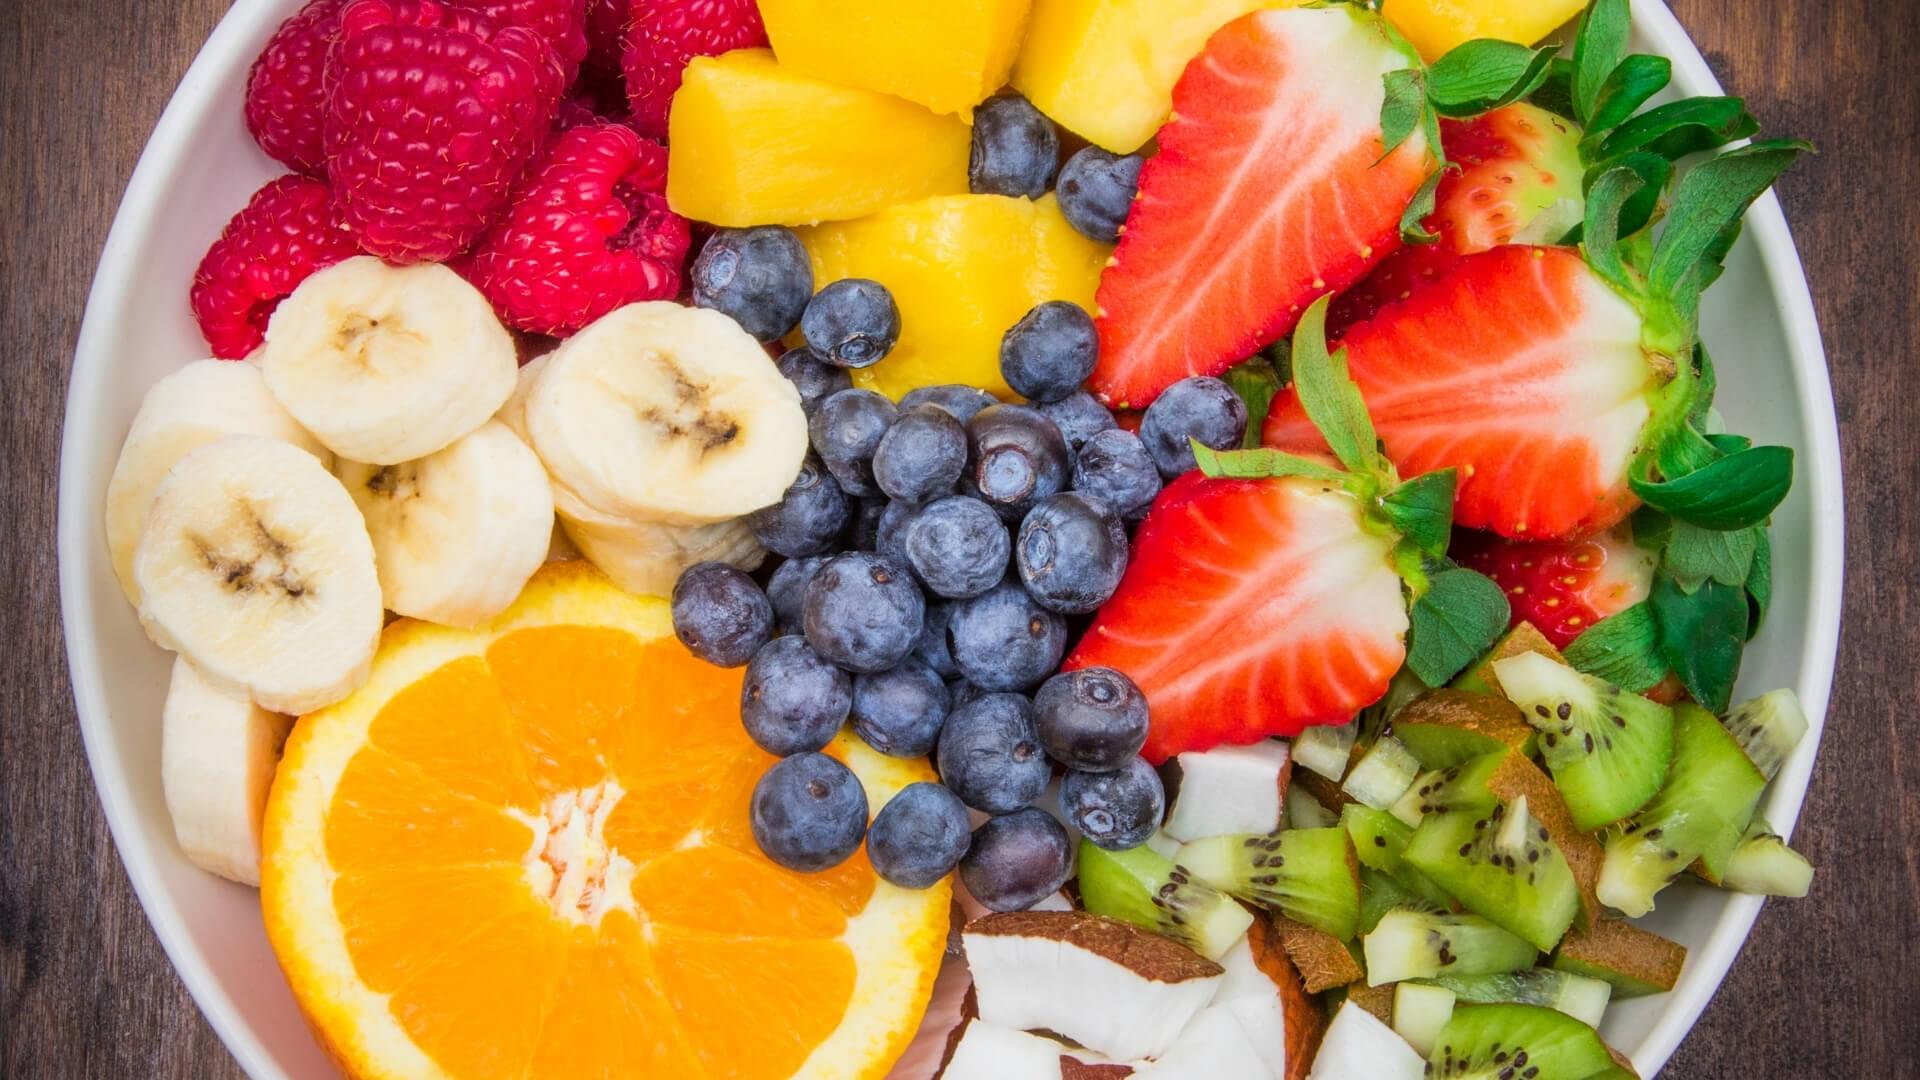 Come abbinare le pere: gli accostamenti con gli altri frutti